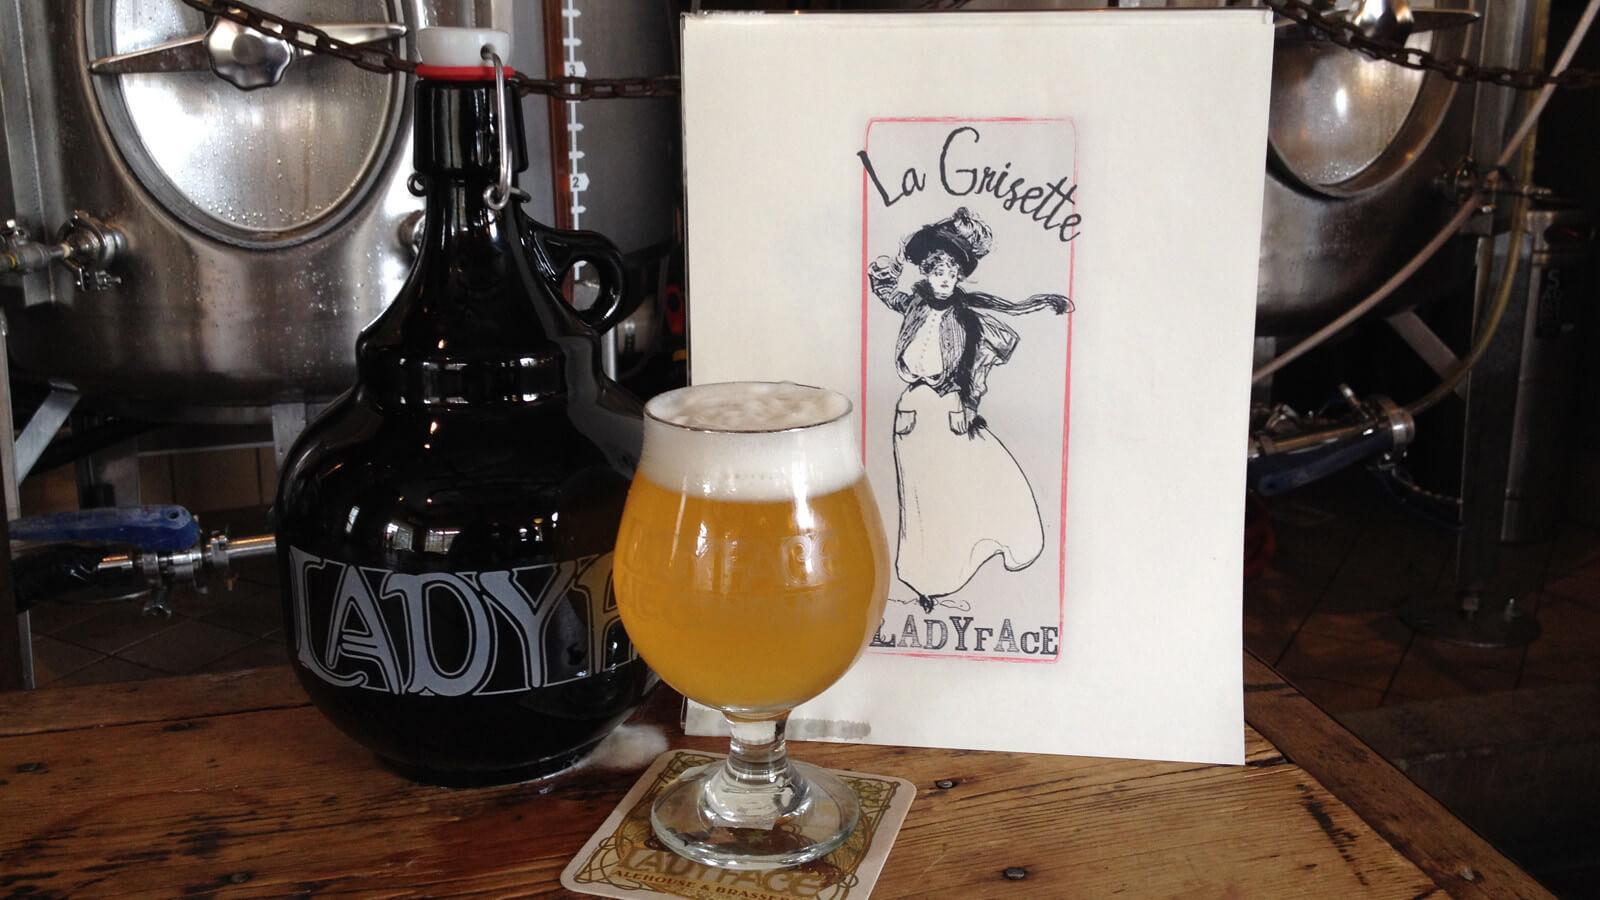 Ladyface Ale Companie — La Grisette